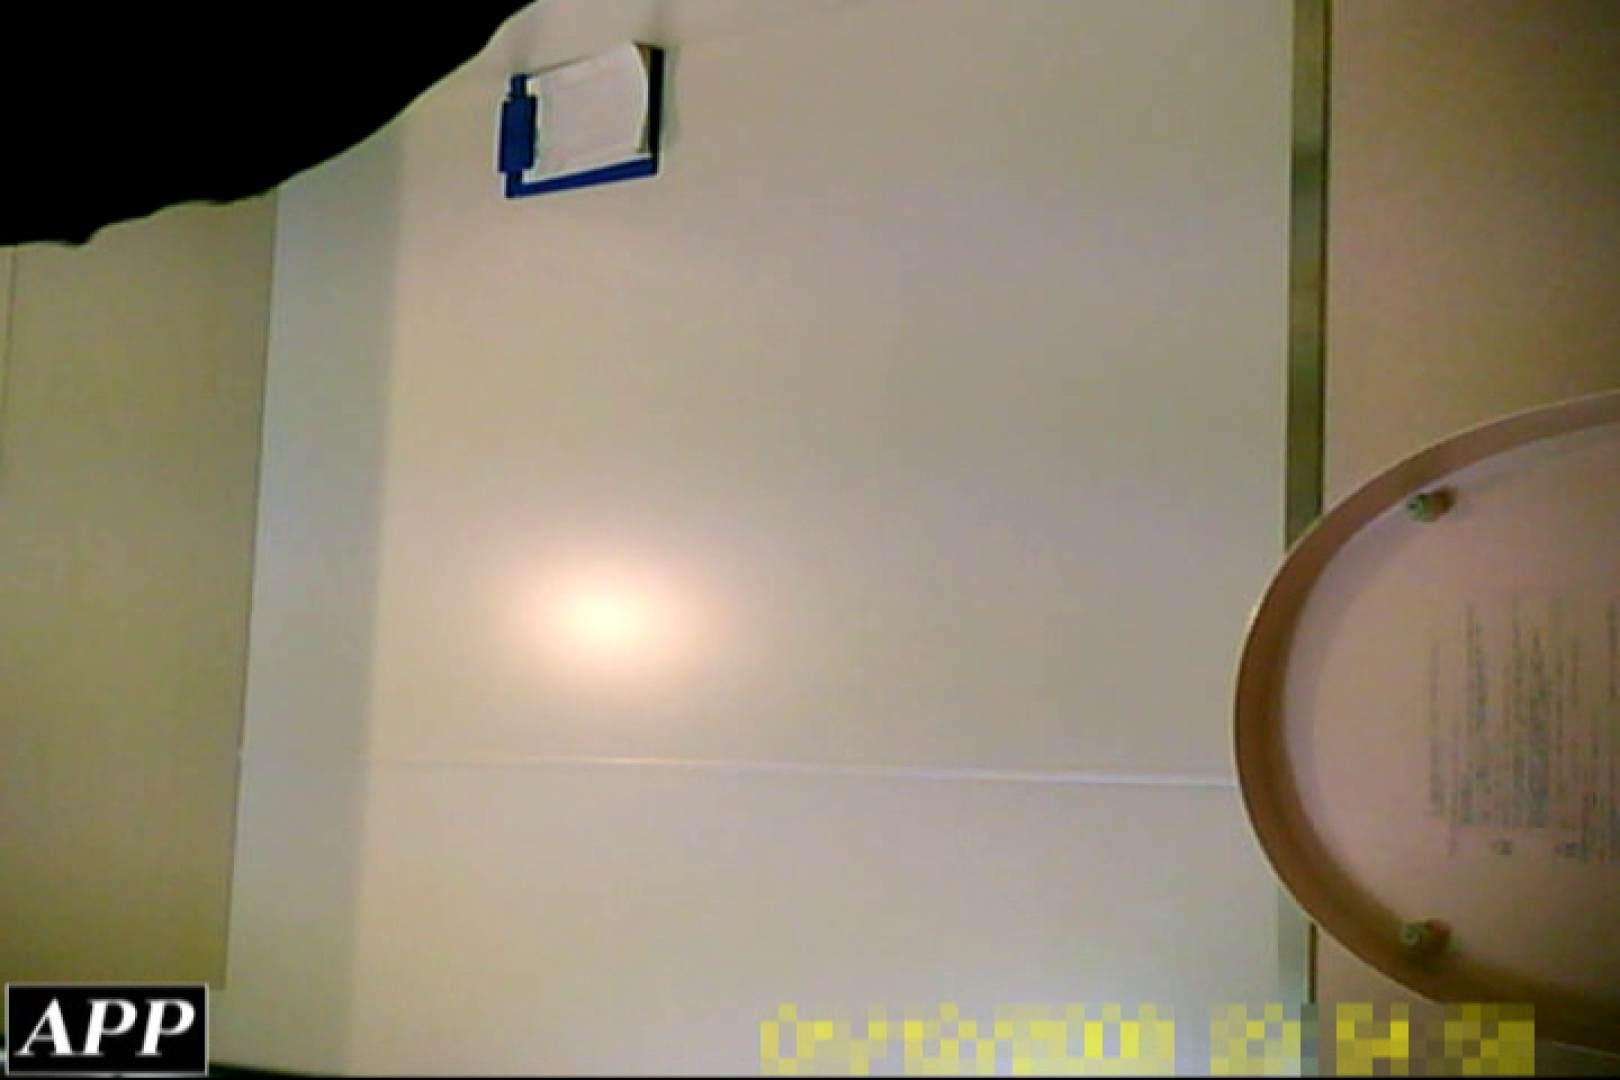 3視点洗面所 vol.129 HなOL | オマンコ  54pic 2